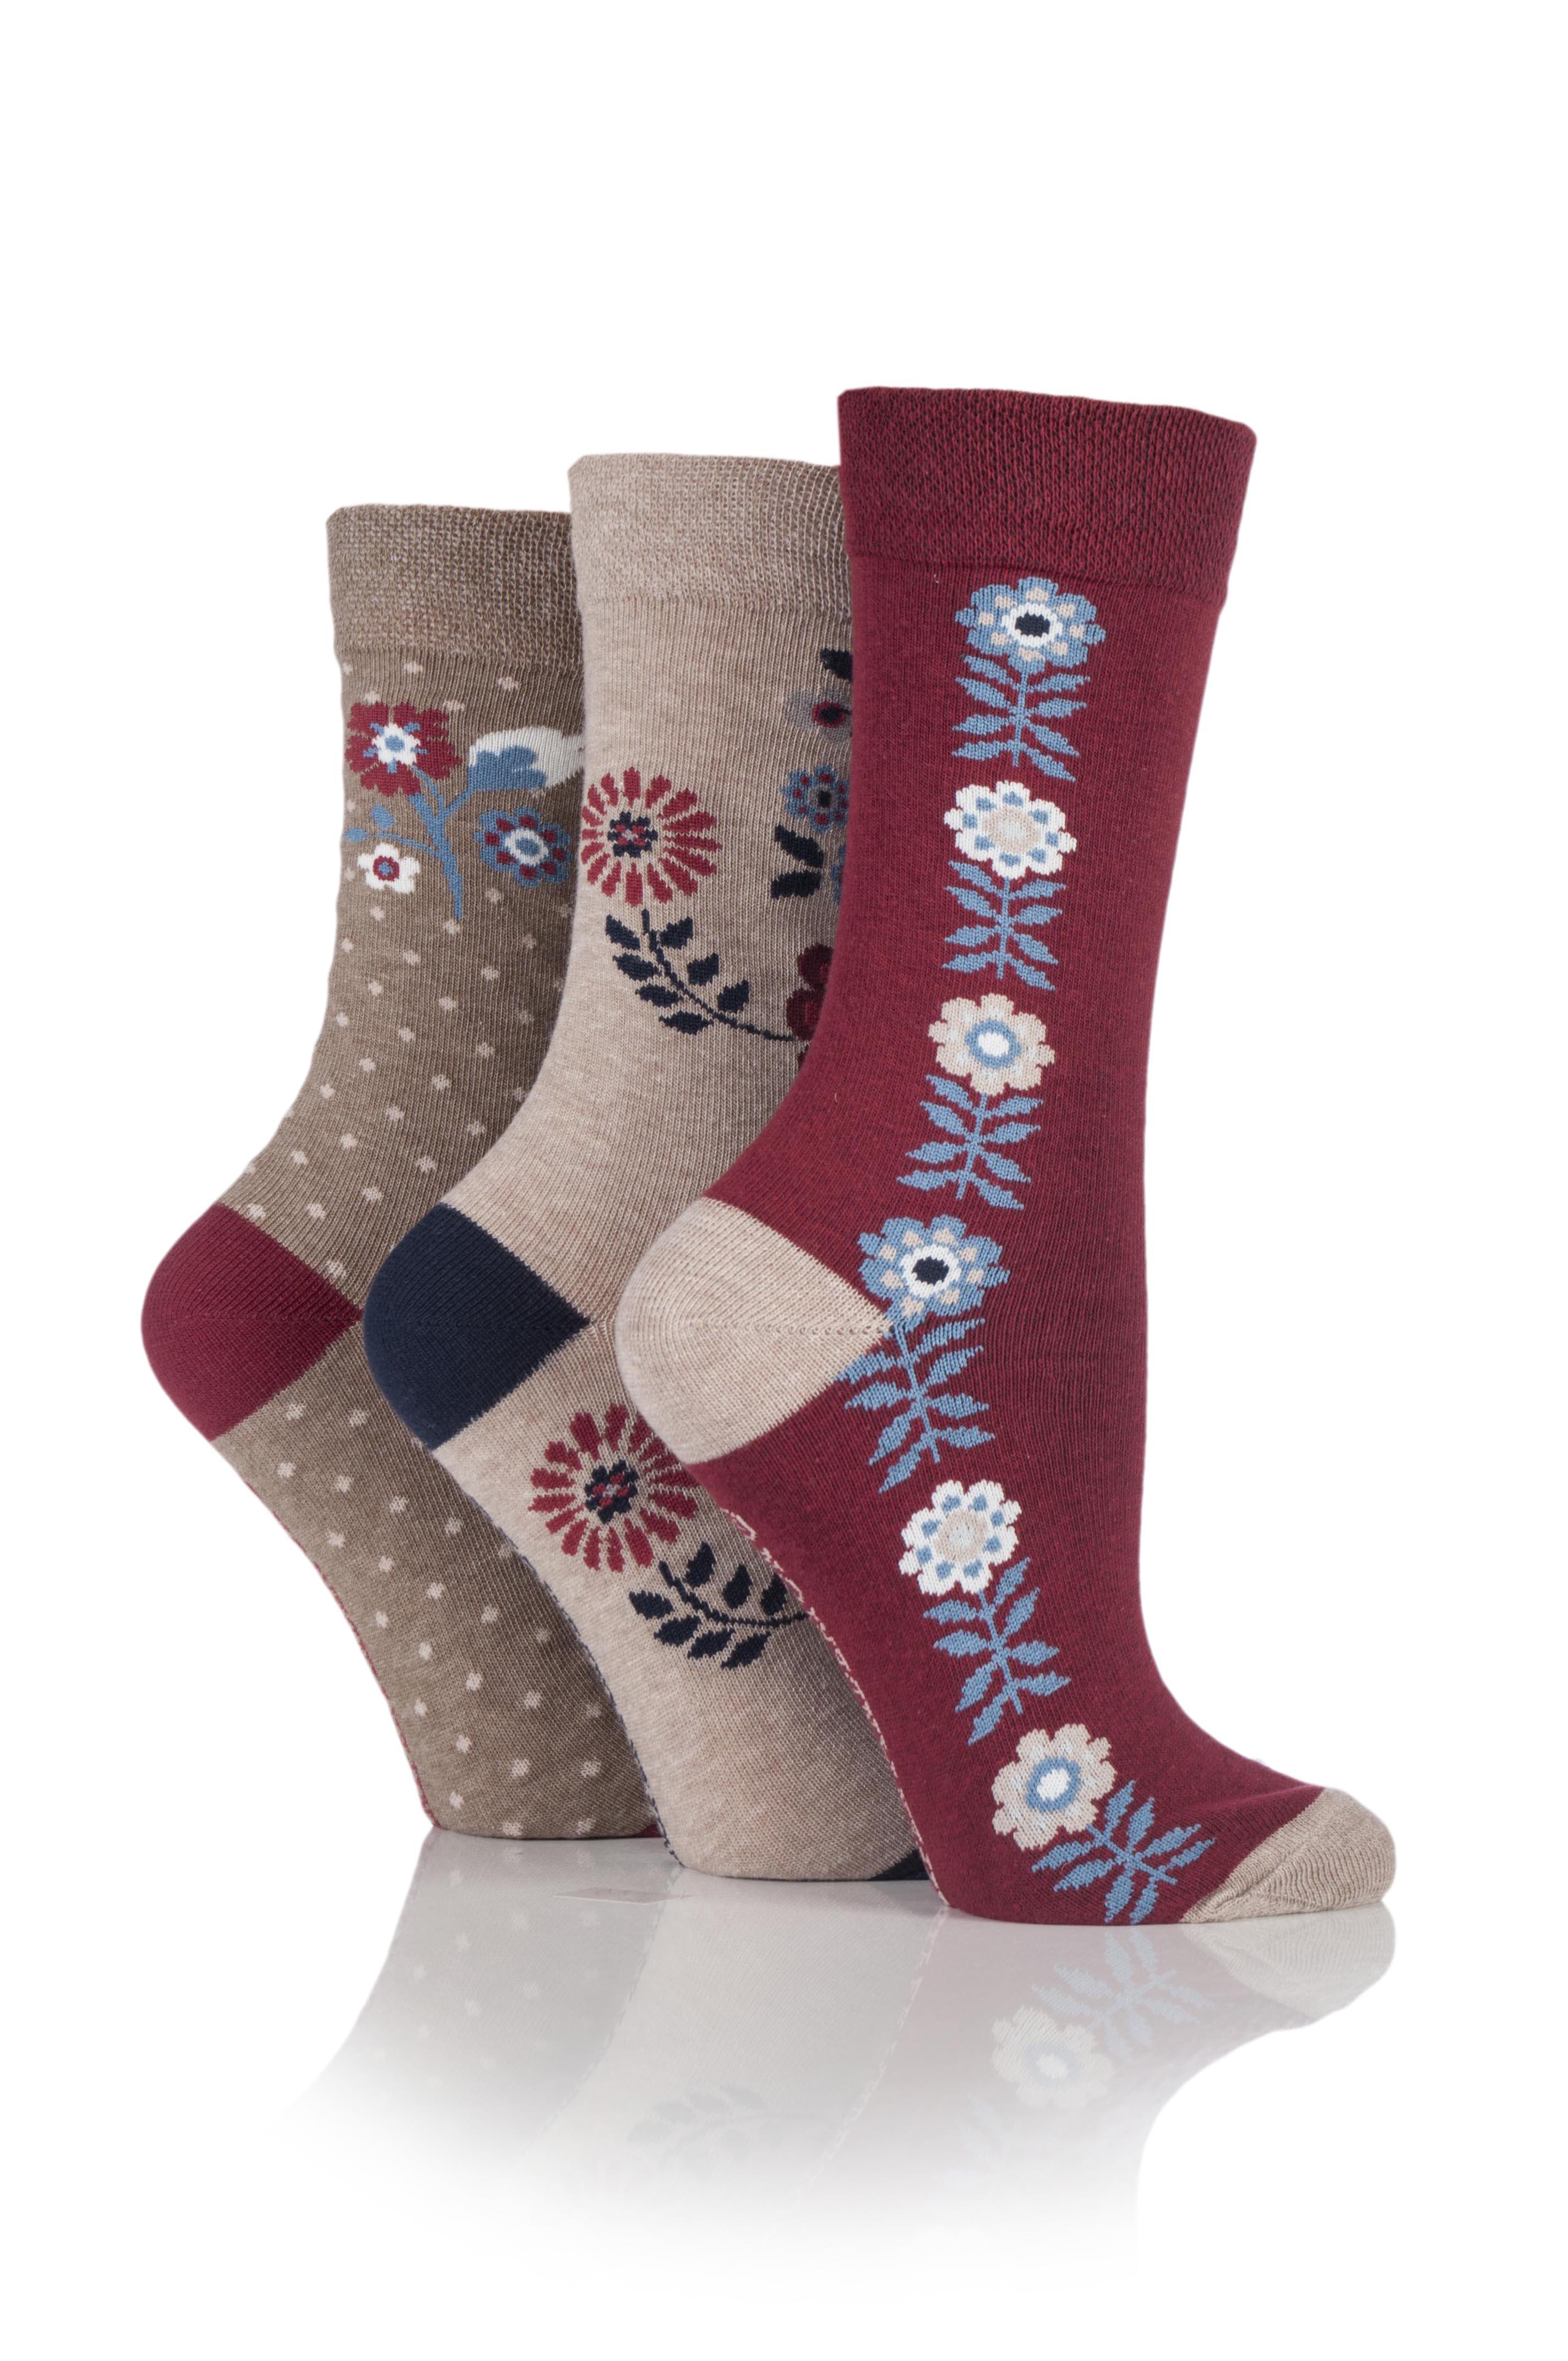 Jennifer Anderton Pack of 3 Floral Design Socks.